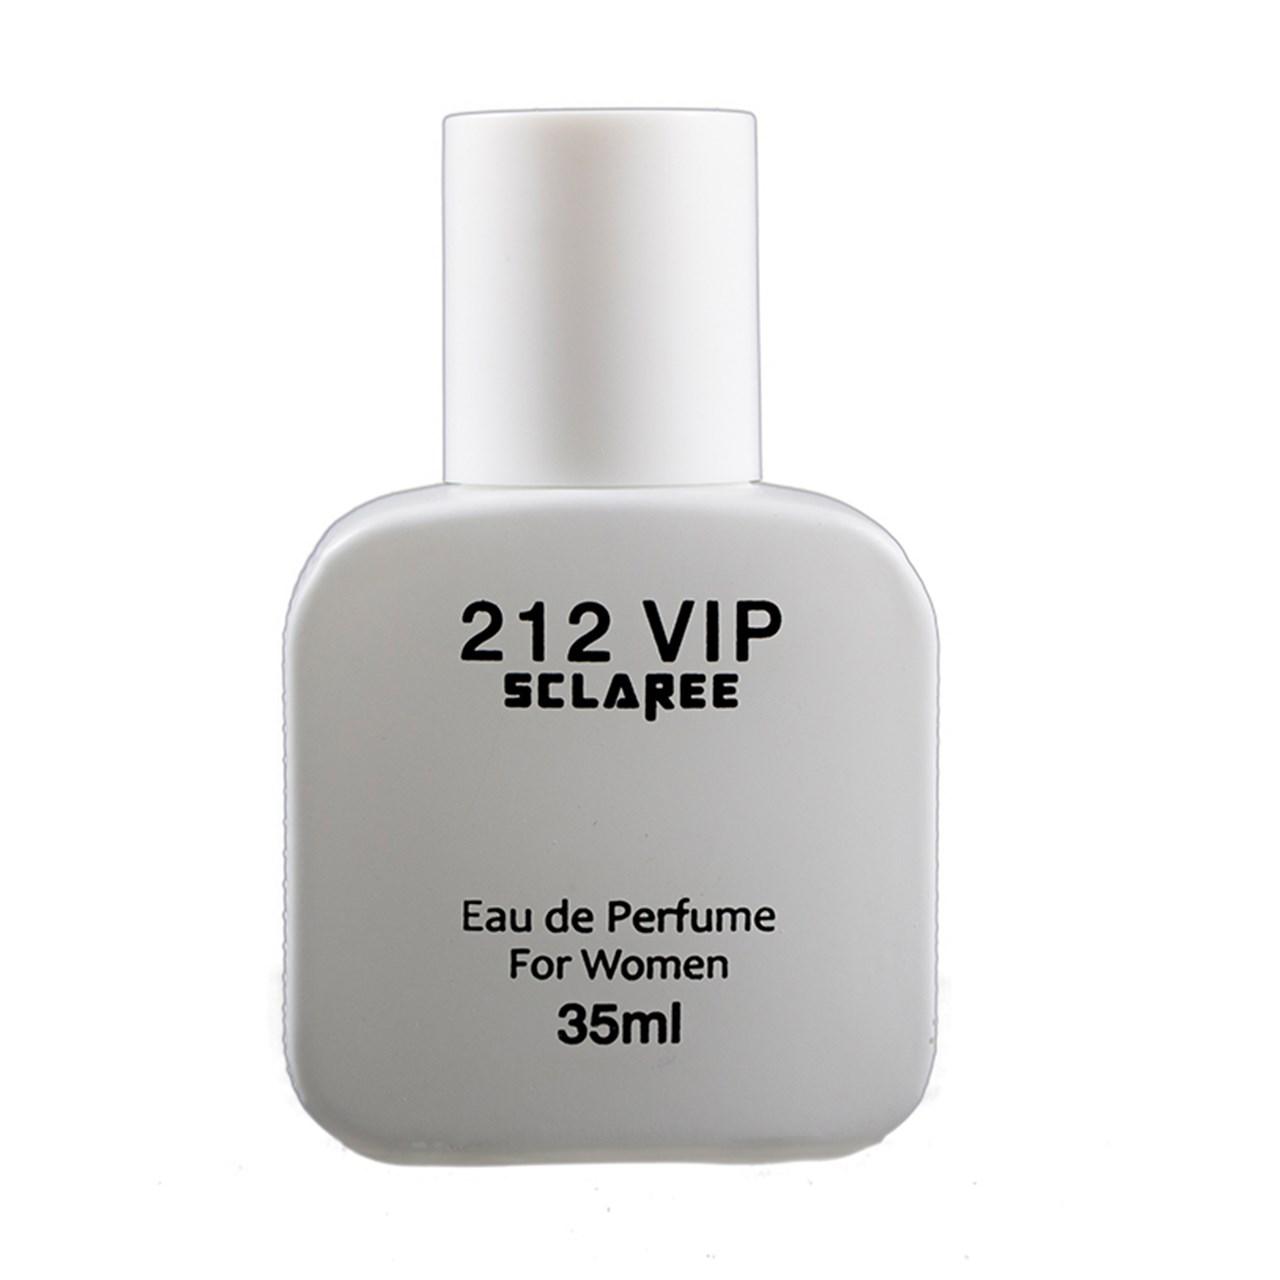 ادوپرفیوم زنانه اسکلاره مدل VIP 212 حجم 35 میلی لیتر